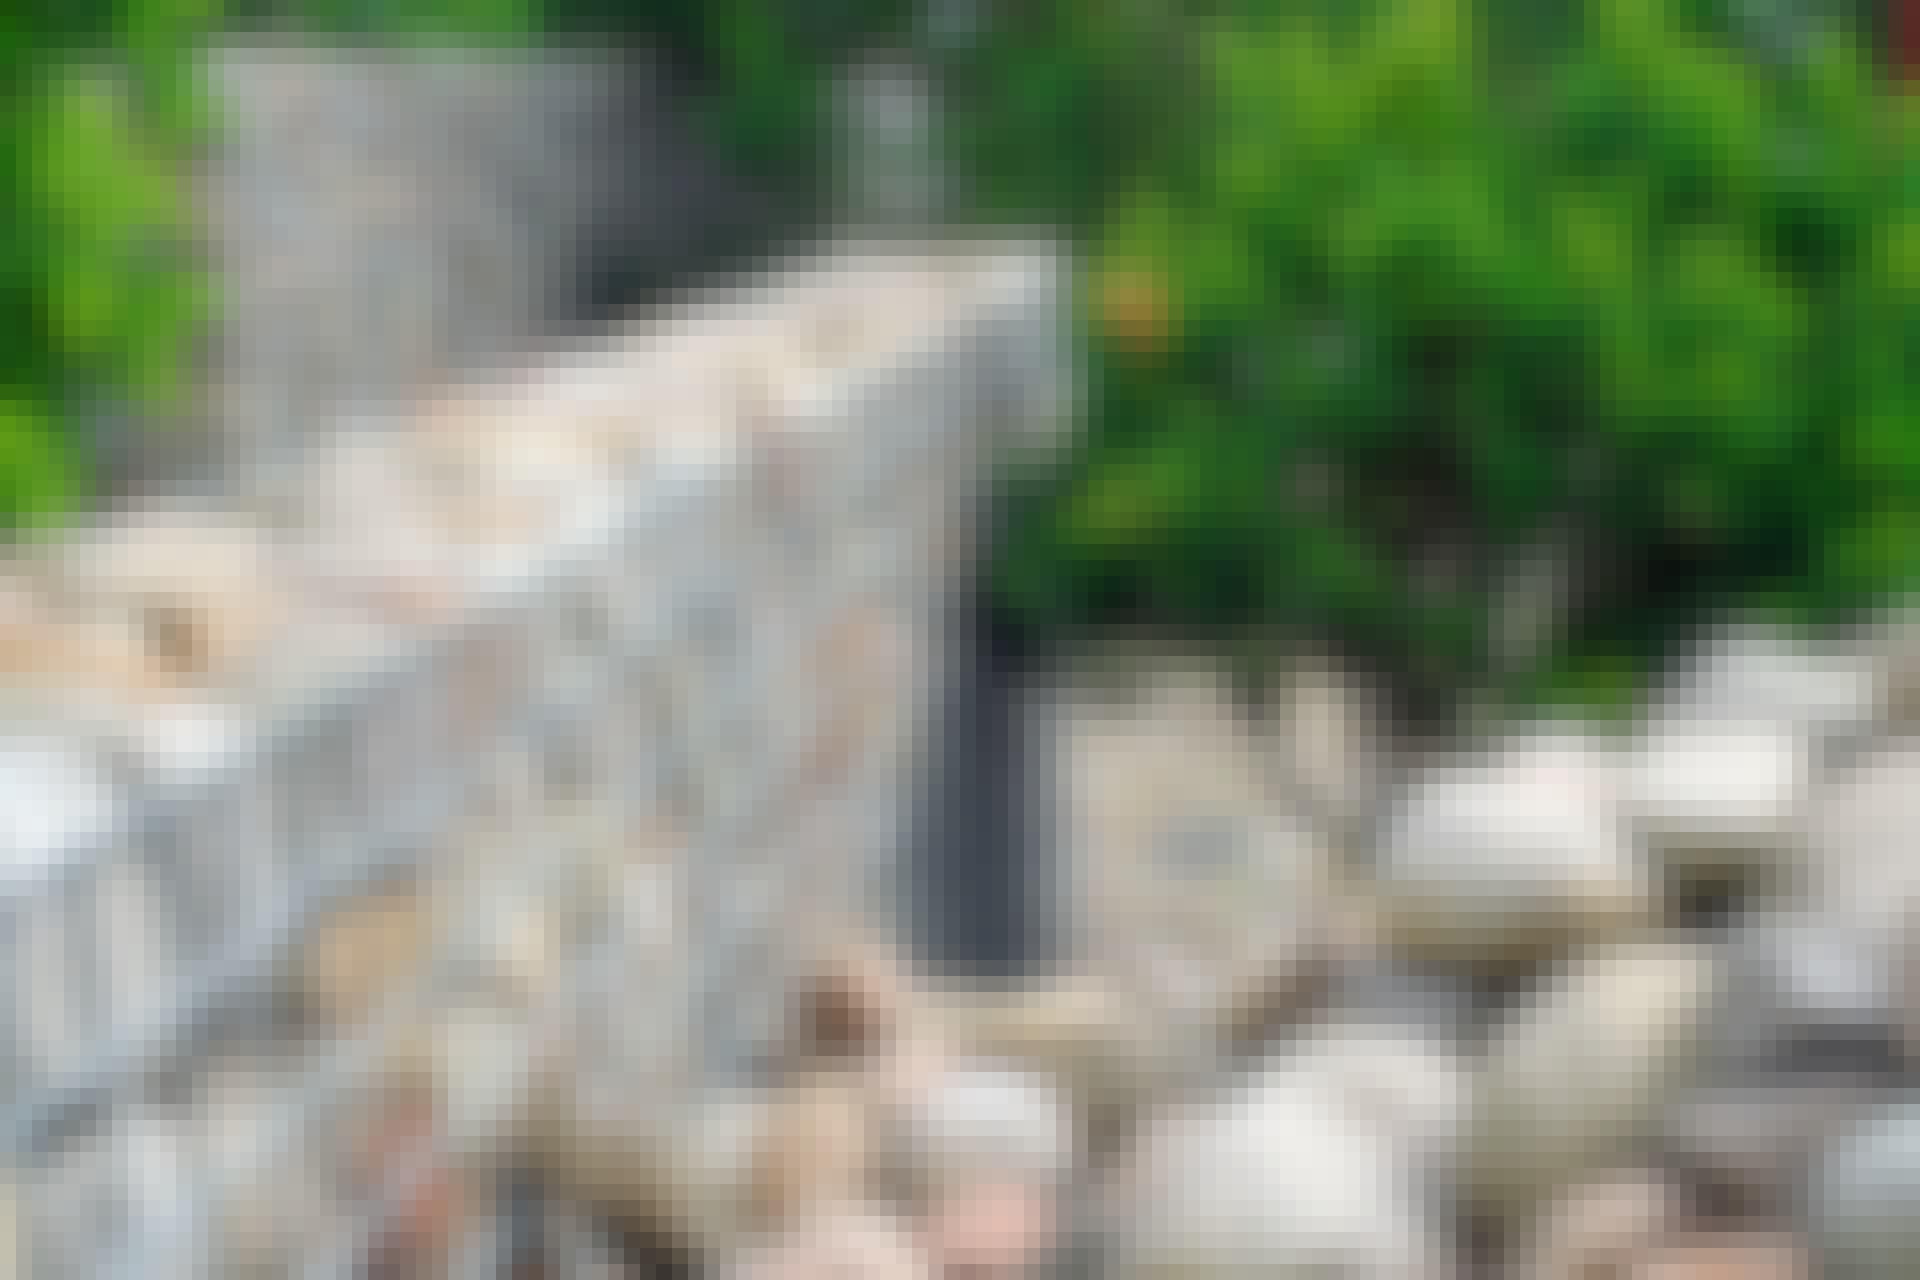 Gabion: Store marksten bruges her til at skabe en naturlig mur. Bemærk, at der ikke er top på denne gabion. Stenene ligger så at sige frit.